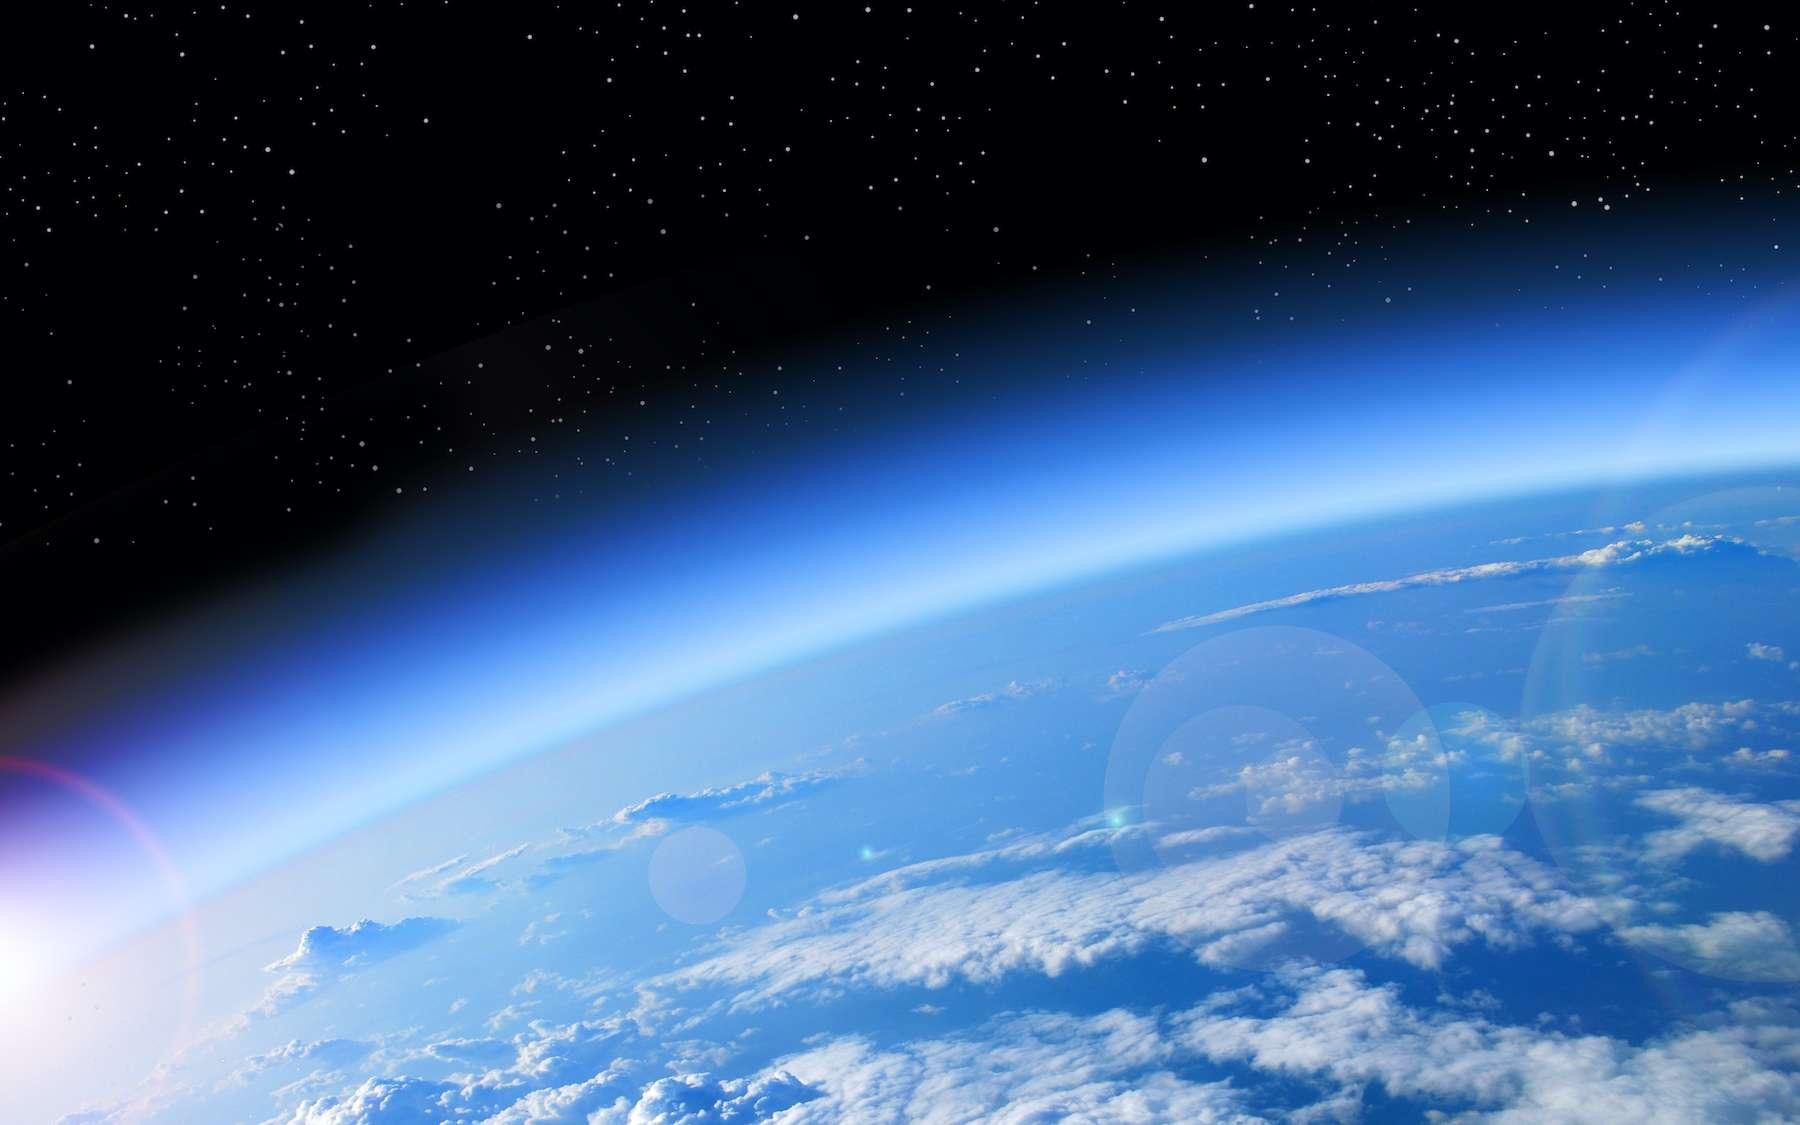 L'épaisseur de la stratosphère a diminué de 400 mètres depuis les années 1980. © studio023, Adobe Stock